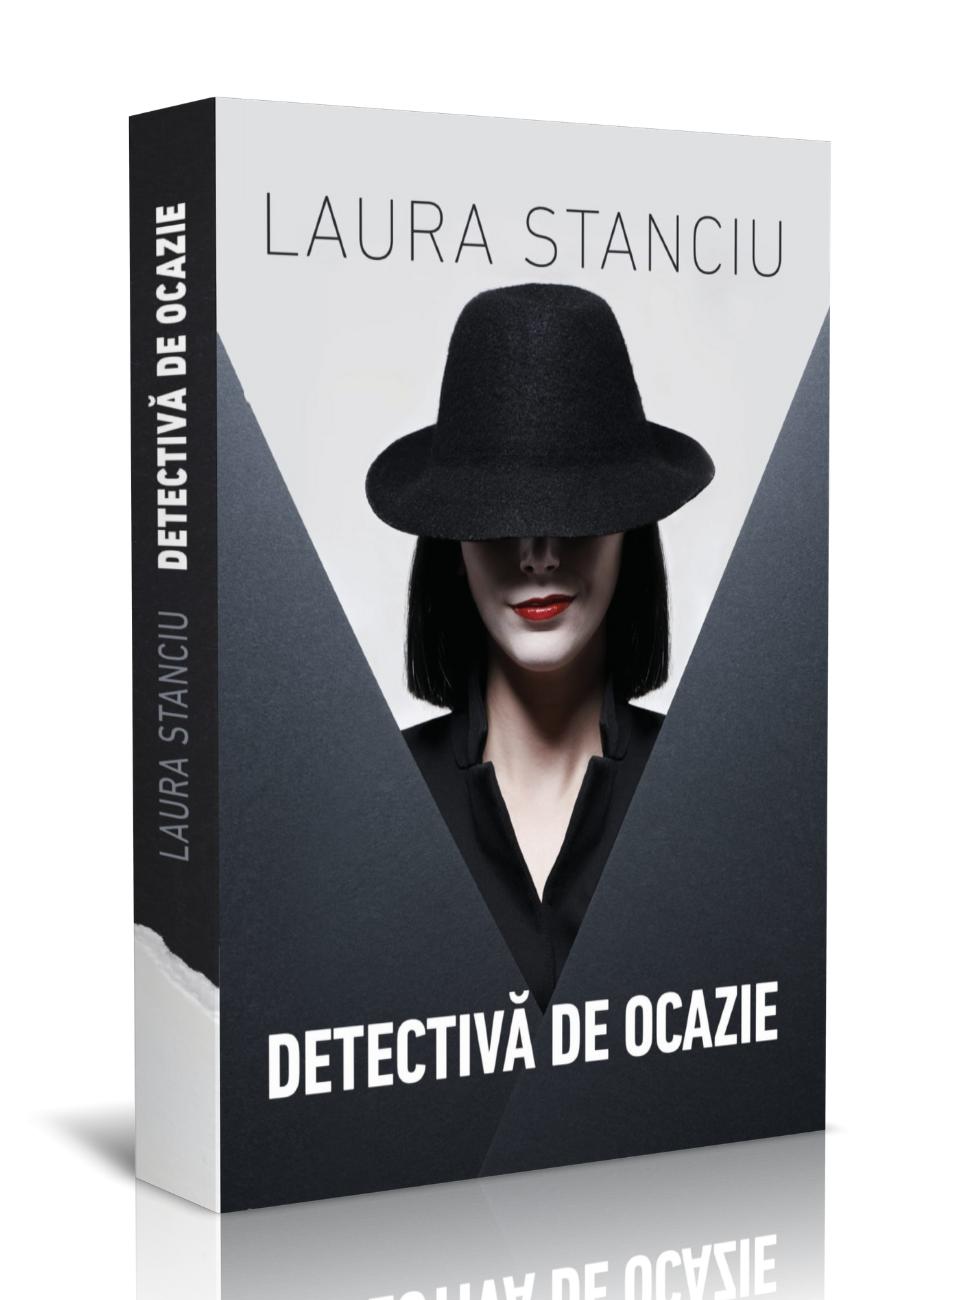 Detectivă de ocazie – Laura Stanciu – recenzie A drop of inspiration